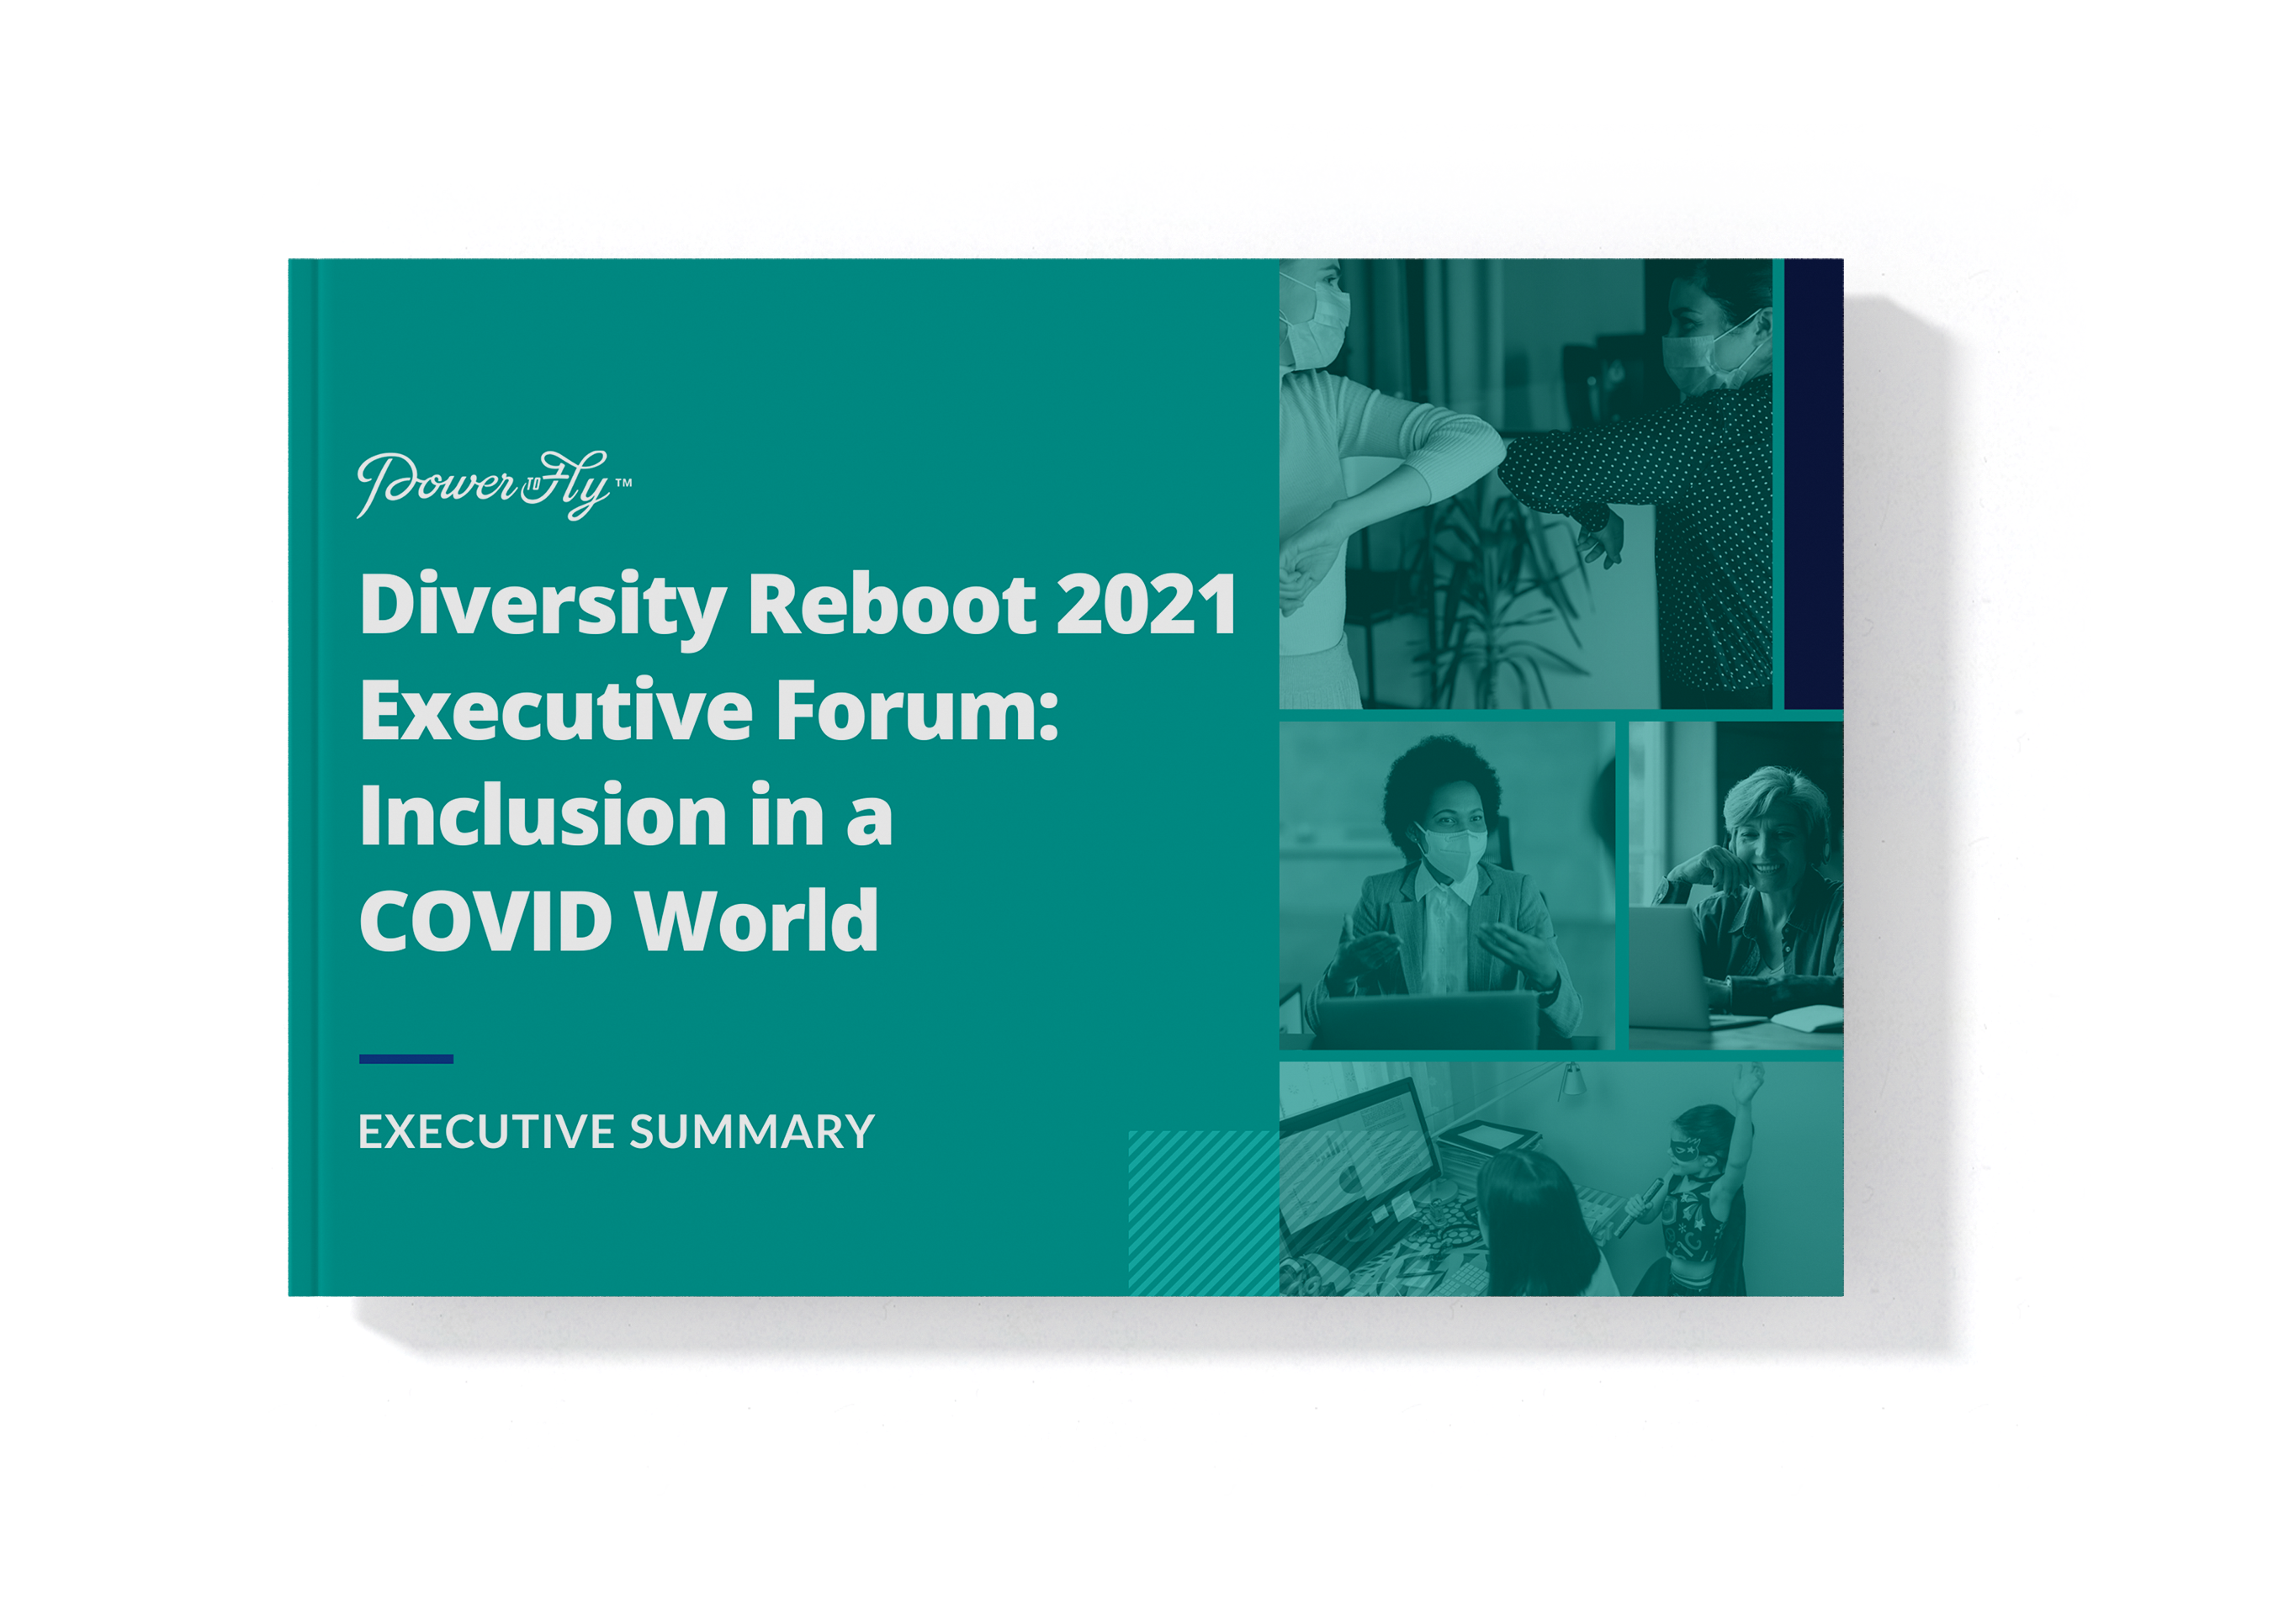 Inclusion in a COVID World